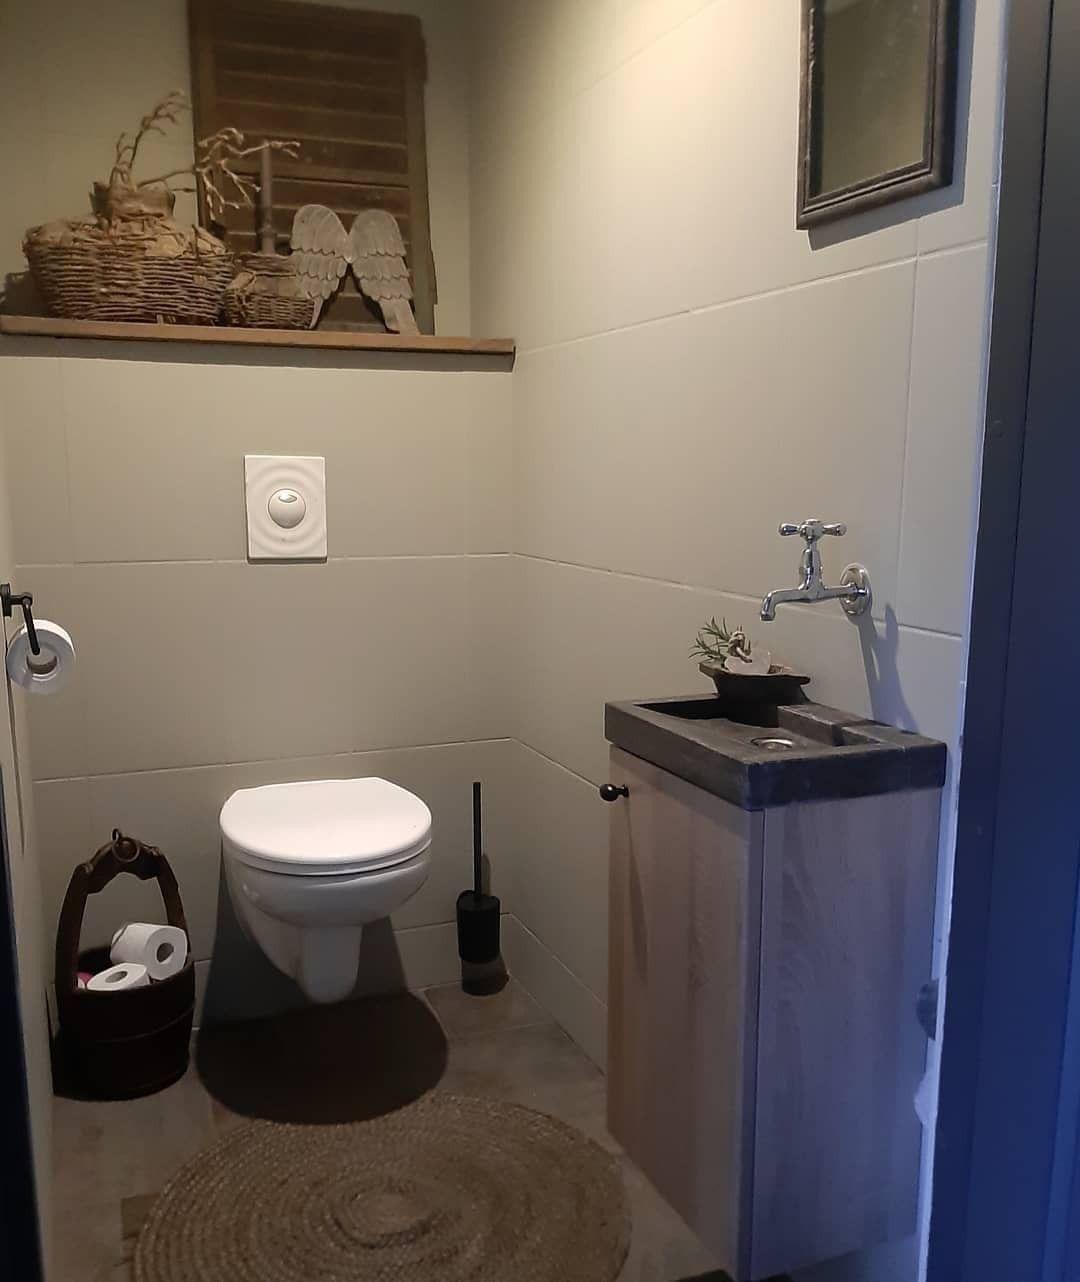 Toilet Tegels Verven Diy Sober Stoer Landelijk Wc Decoratie Decoreren Interieur Wonen Toilet Interieur Interieurstyling